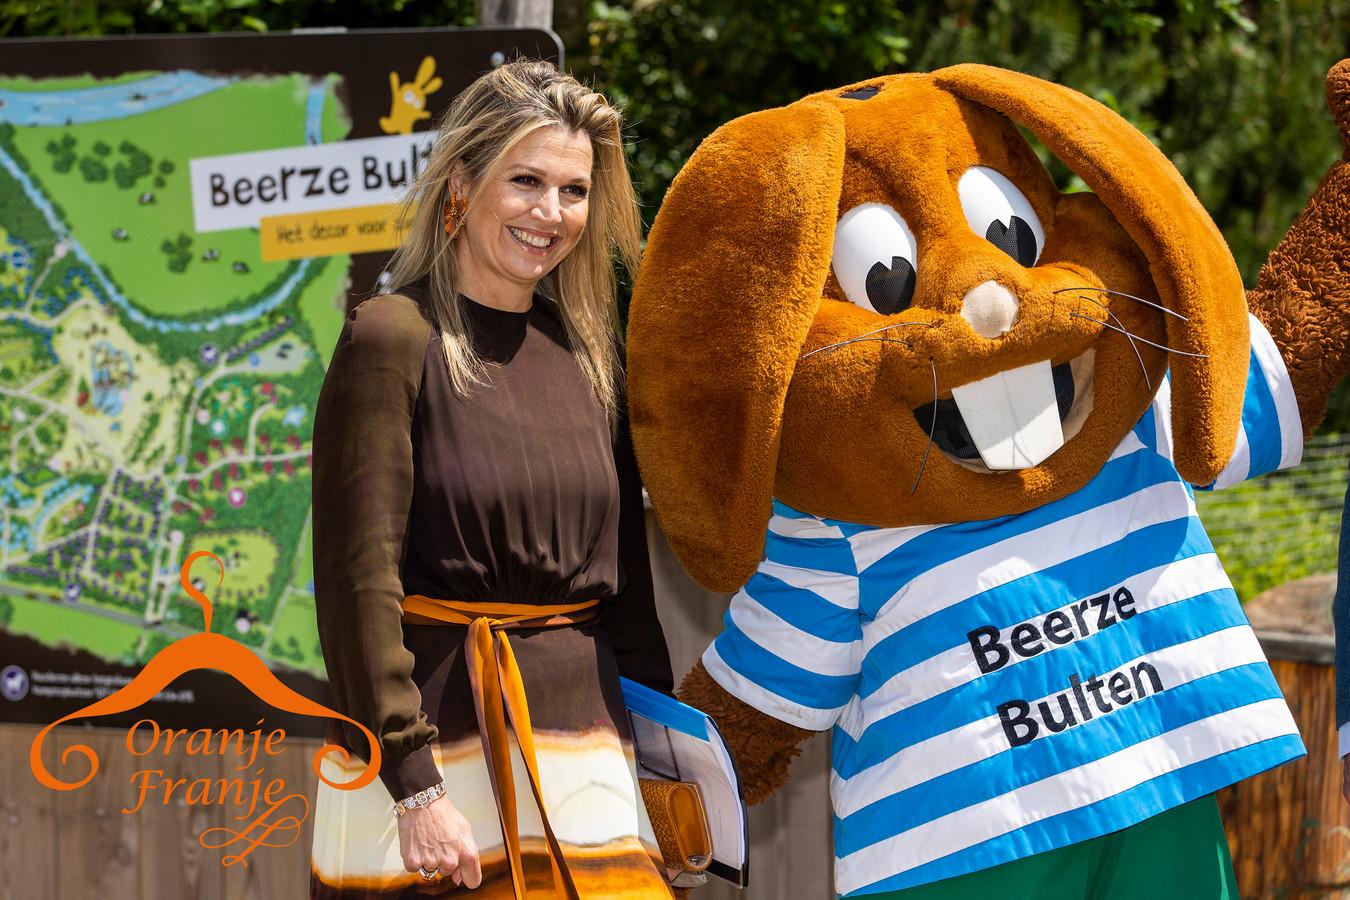 Koningin Máxima tijdens een werkbezoek aan Vakantiepark Beerze Bulten.